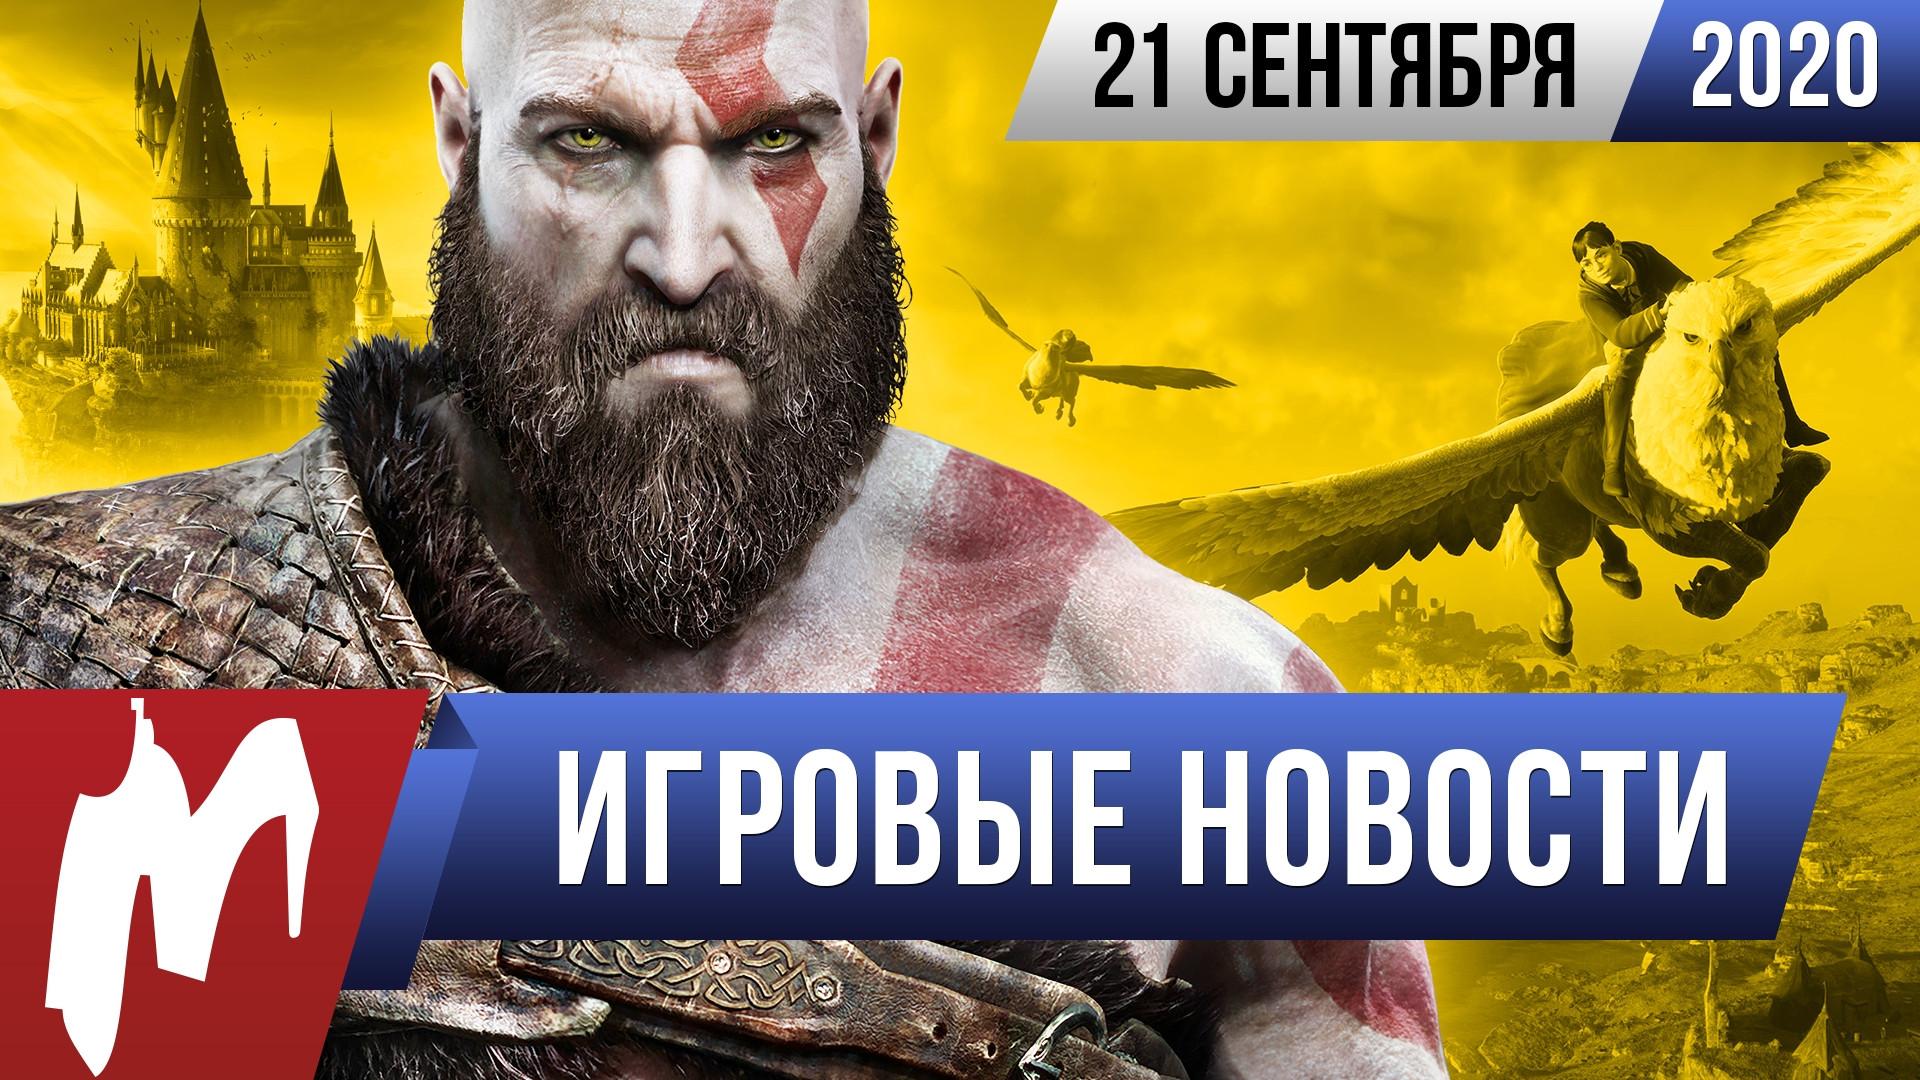 ИТОГИ НЕДЕЛИ21.09 (главное про PS5, системные требования Cyberpunk 2077 и новый Monster Hunter)